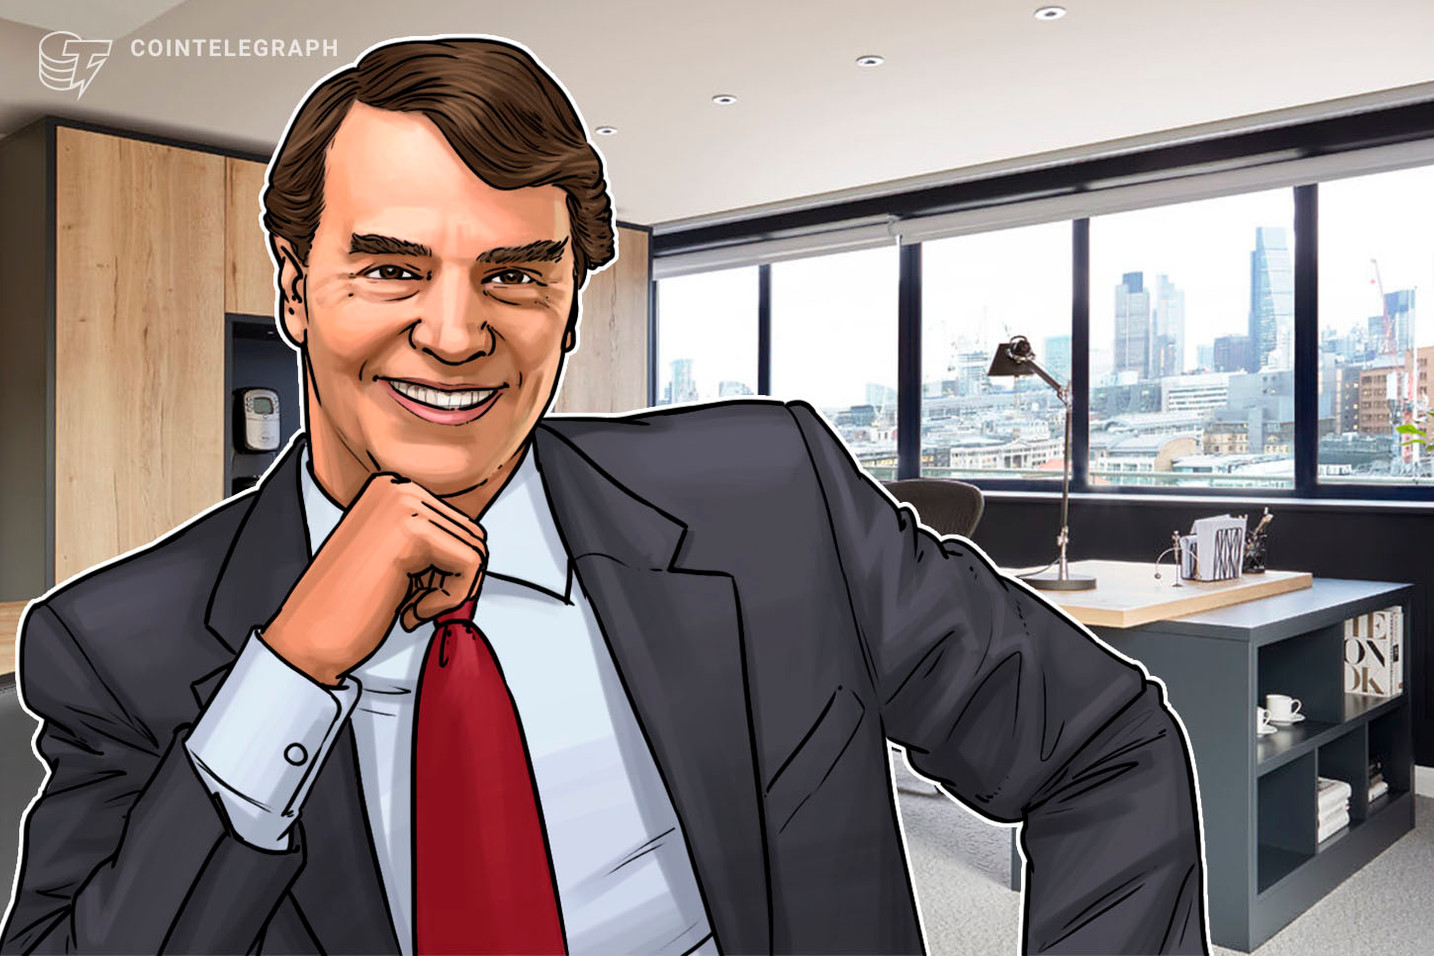 El precio de Bitcoin alcanzará USD 250 mil en el primer trimestre de 2023 según Tim Draper